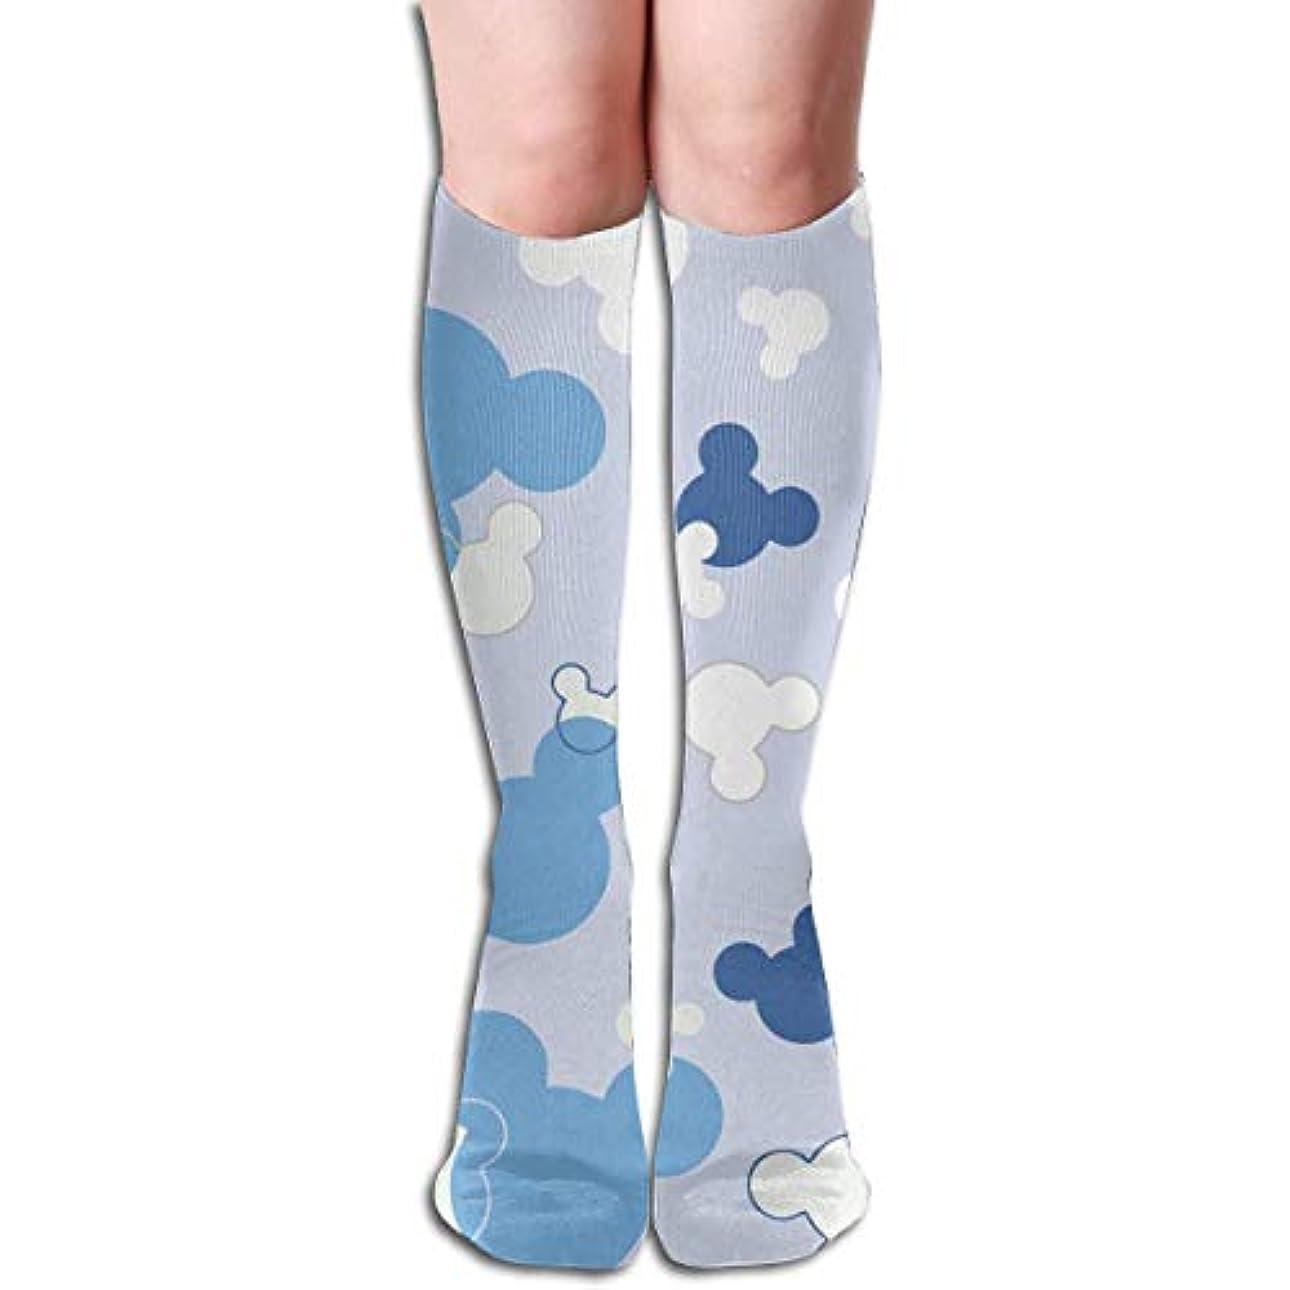 生理アクセント新しさqrriyミニーチューブストッキングレディース冬暖かい膝ハイソックスブーツ靴下